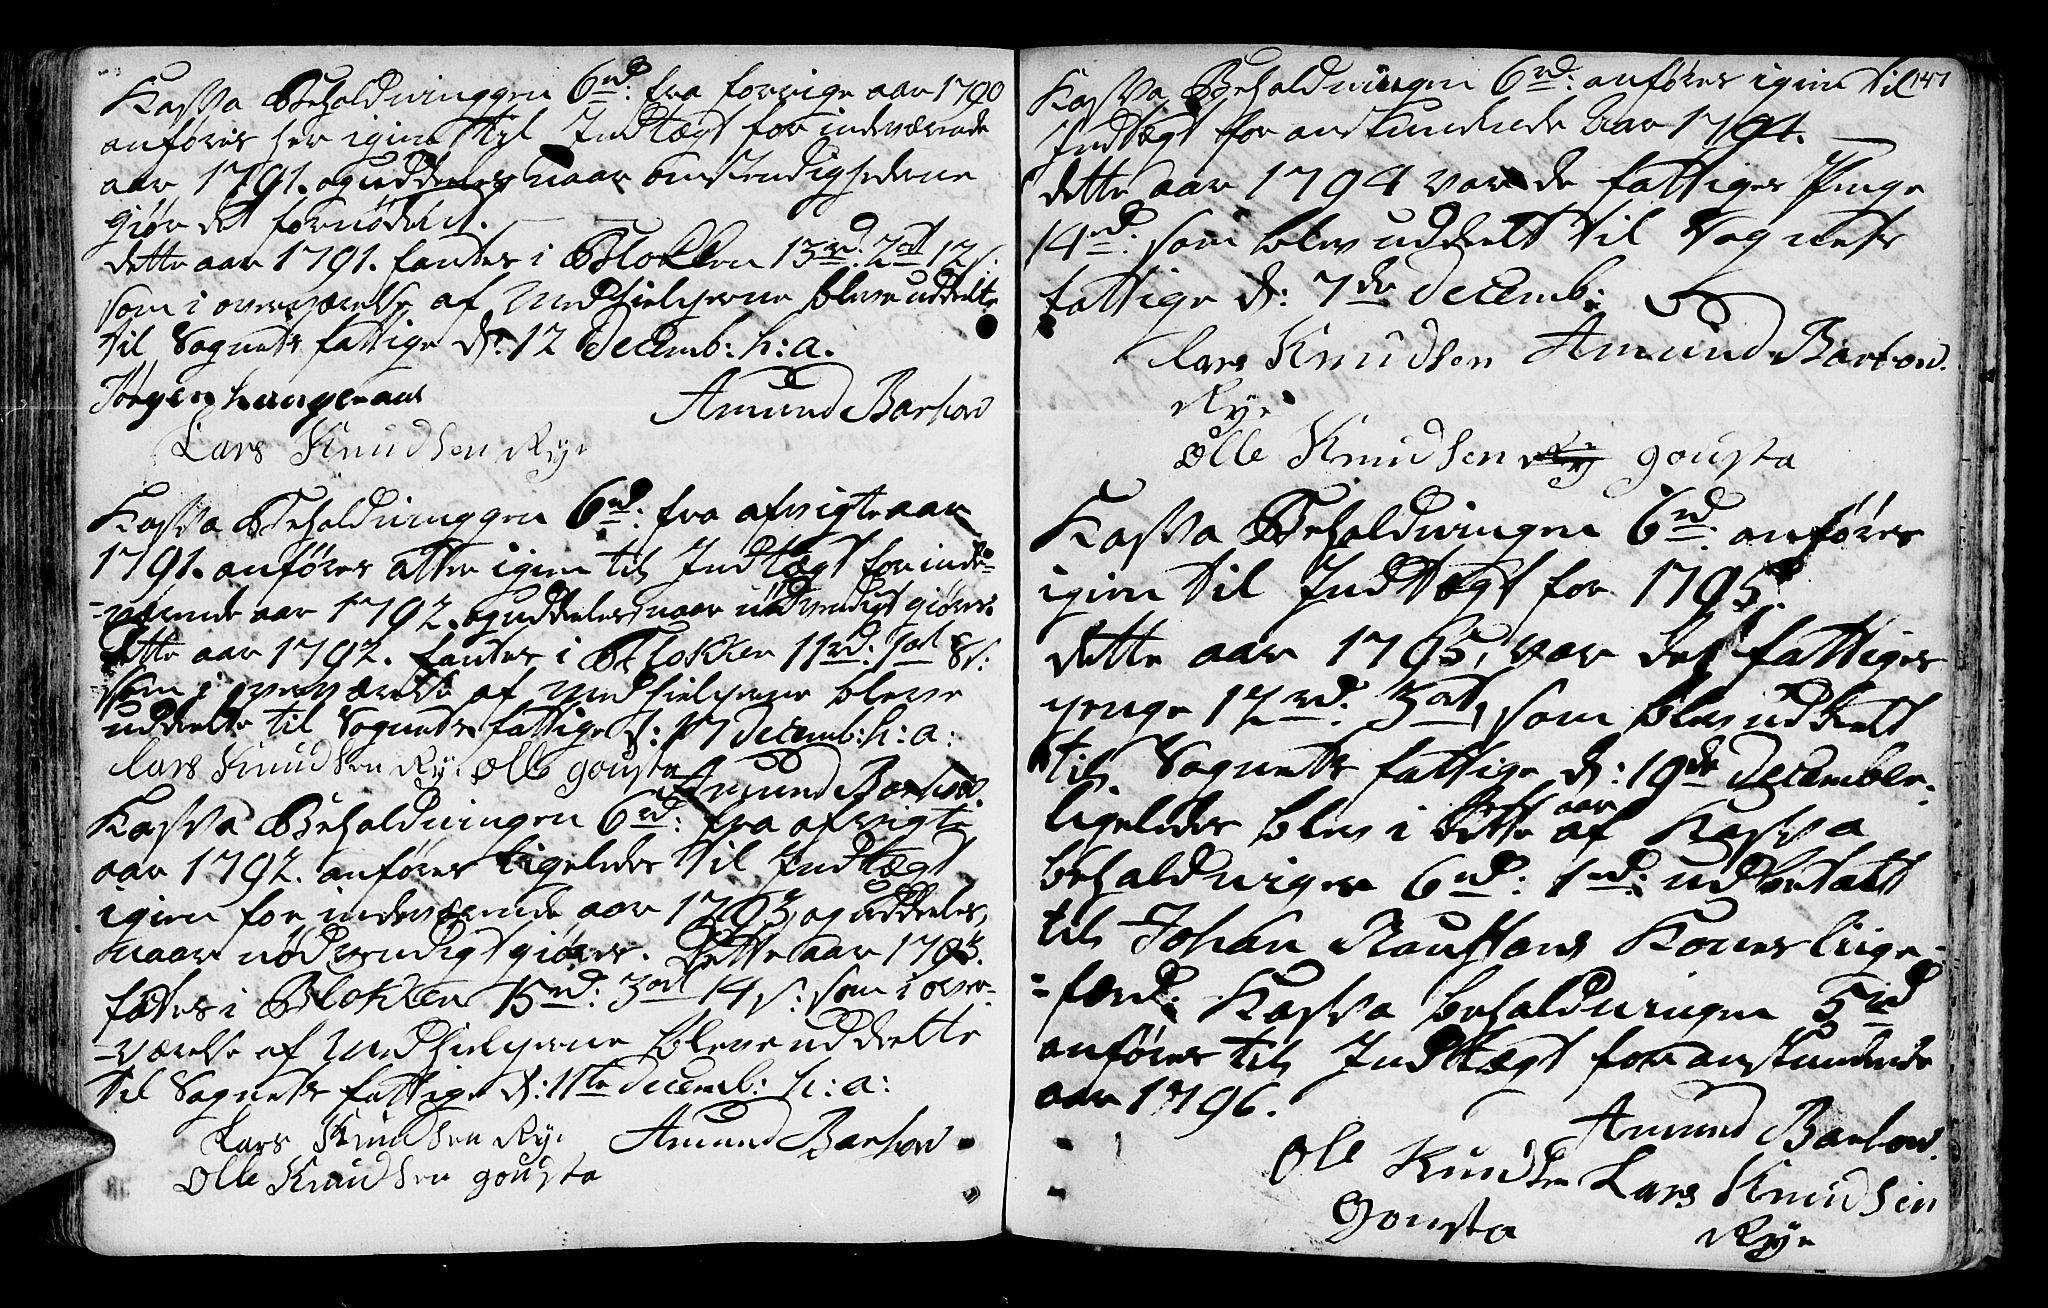 SAT, Ministerialprotokoller, klokkerbøker og fødselsregistre - Sør-Trøndelag, 612/L0370: Ministerialbok nr. 612A04, 1754-1802, s. 147